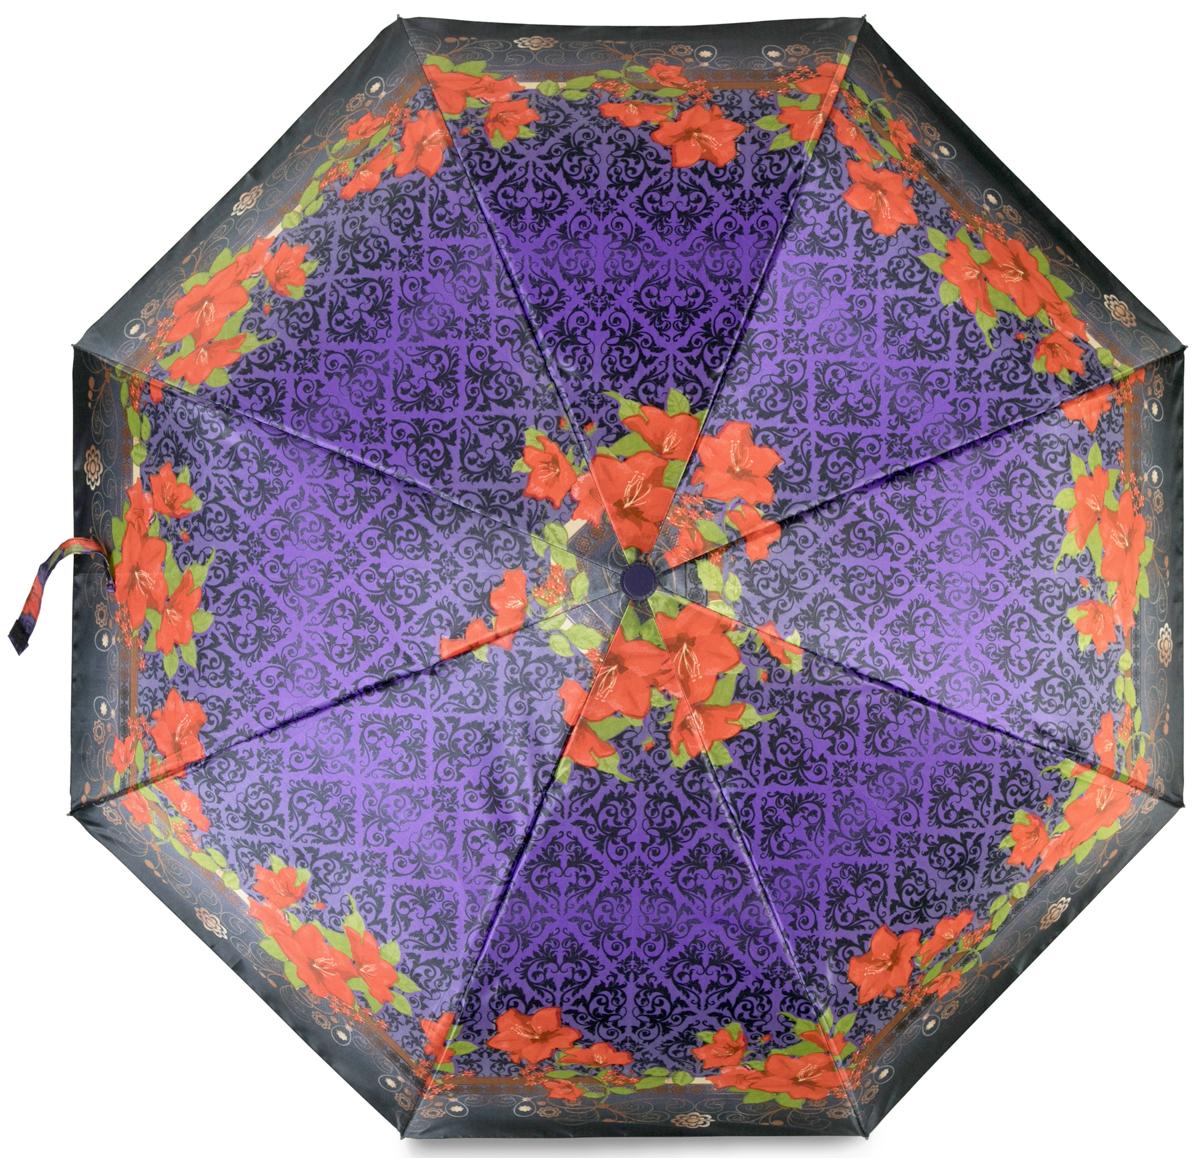 Зонт женский Baudet, автомат, 3 сложения, цвет: фиолетовый. 10598-6-503 цены онлайн